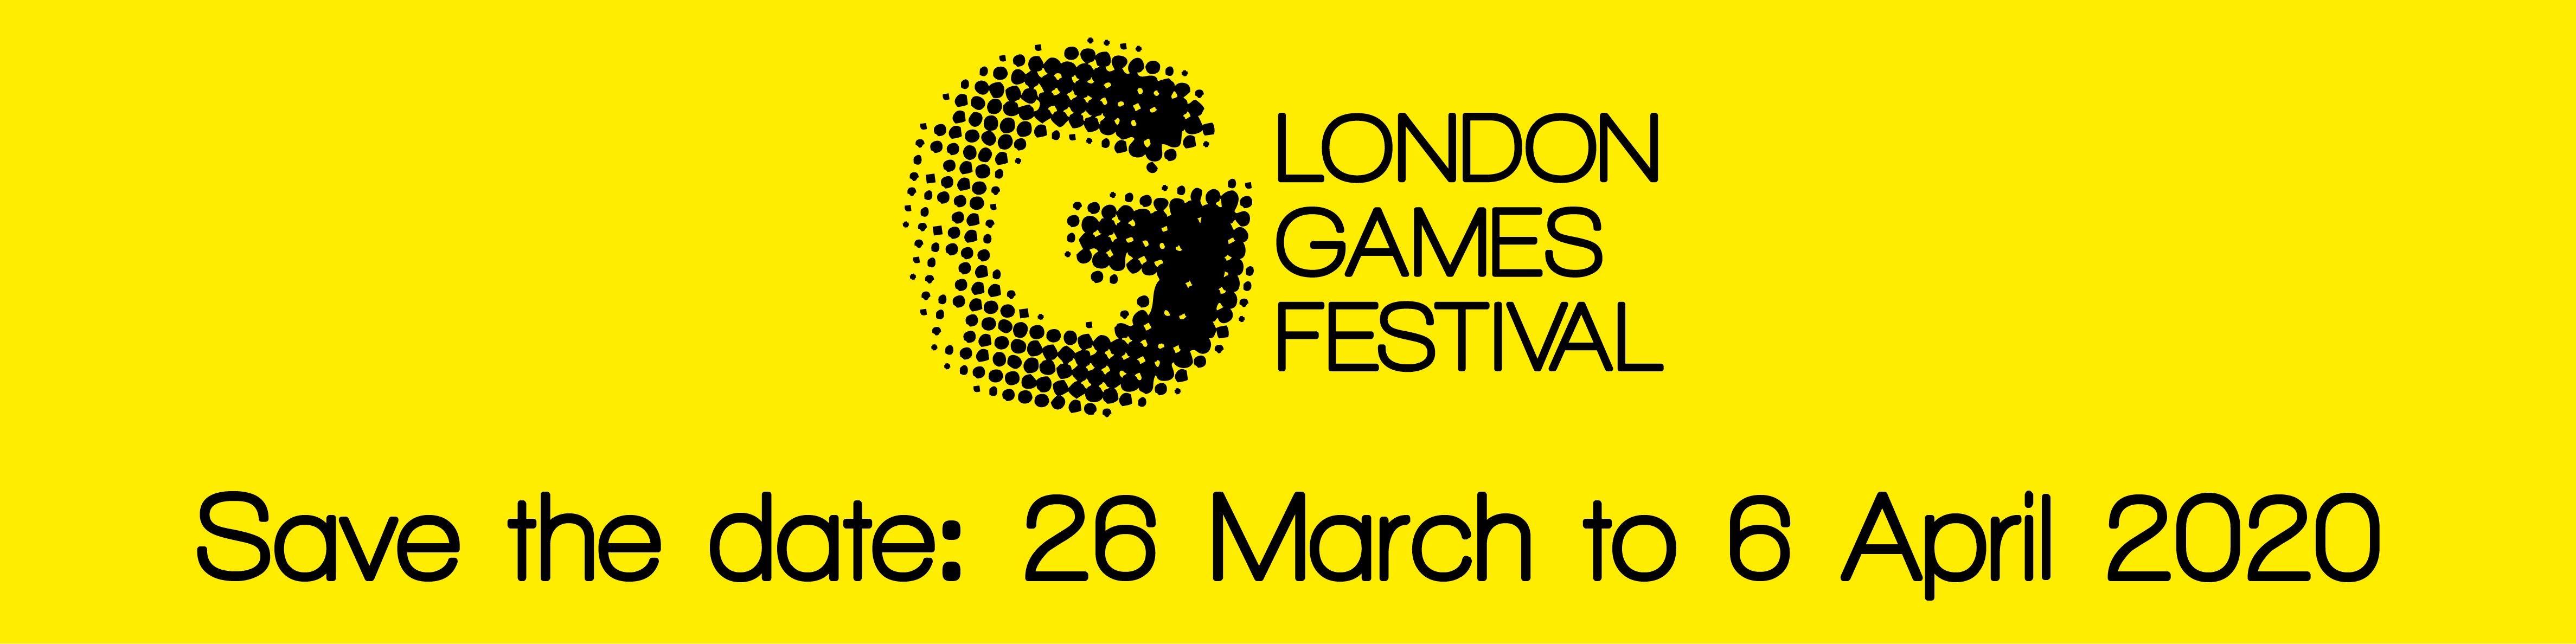 london-game-festival-2020